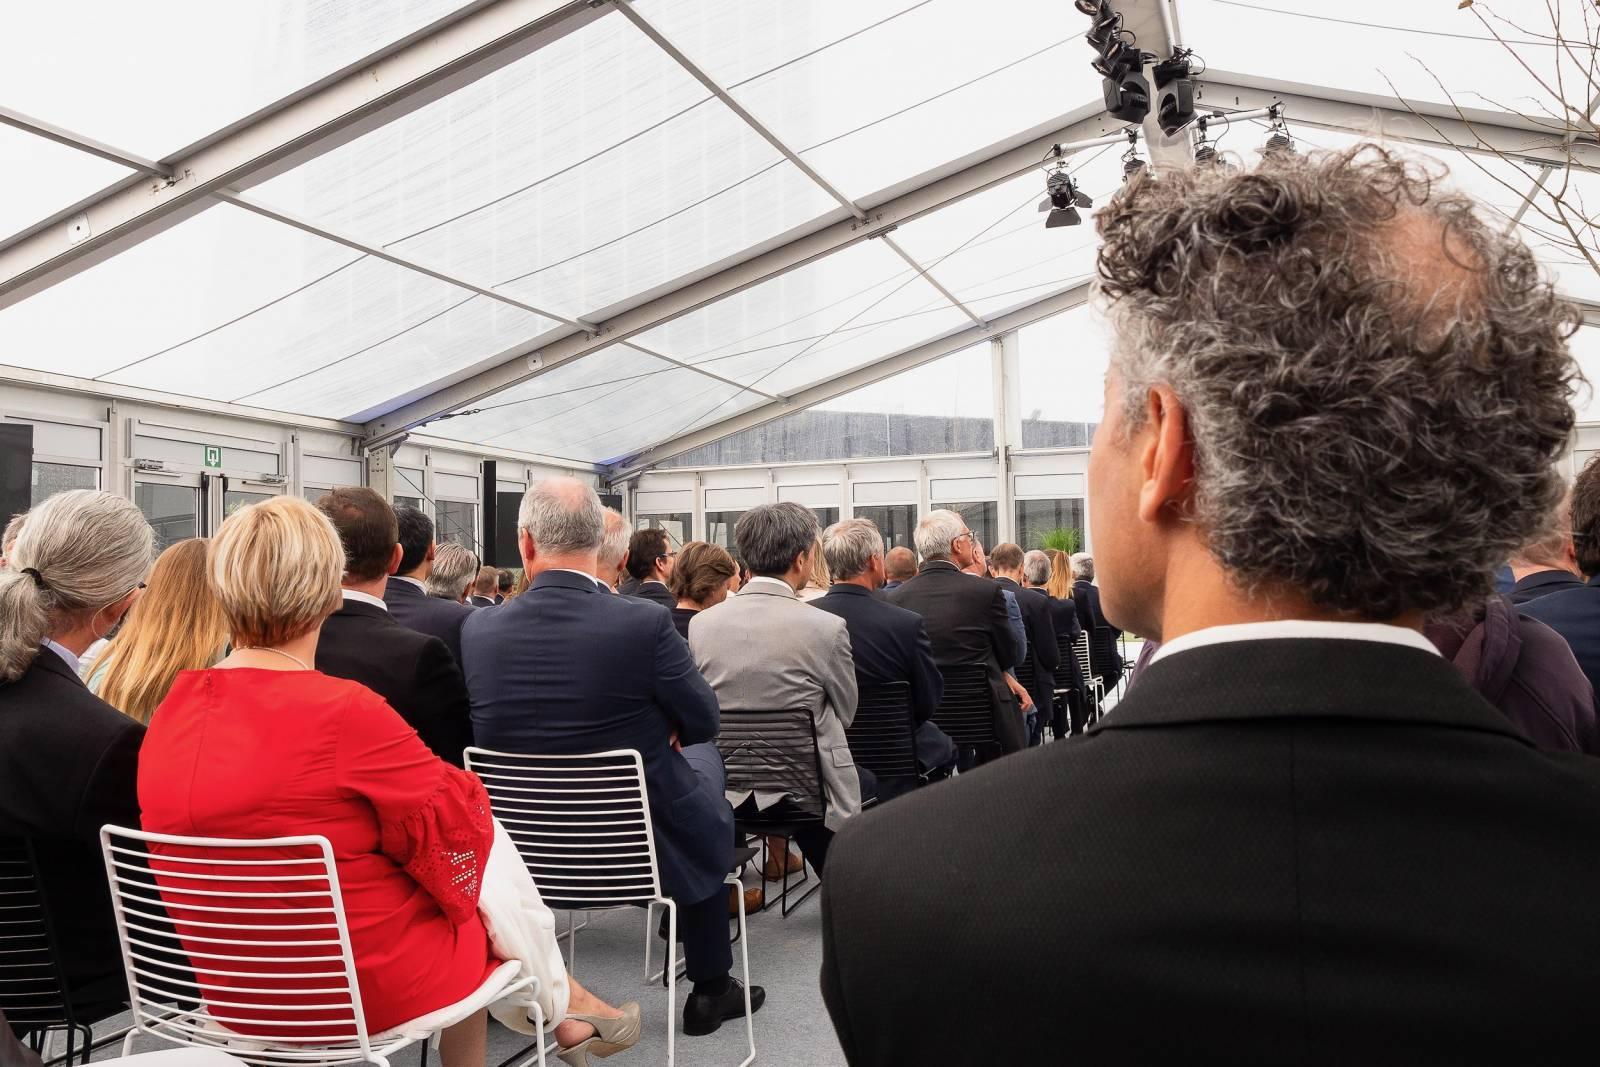 Tentmoment - Feesttent - Tent Event - Verhuur Tenten - Fotograaf Jurgen De Witte - House of Events - 33